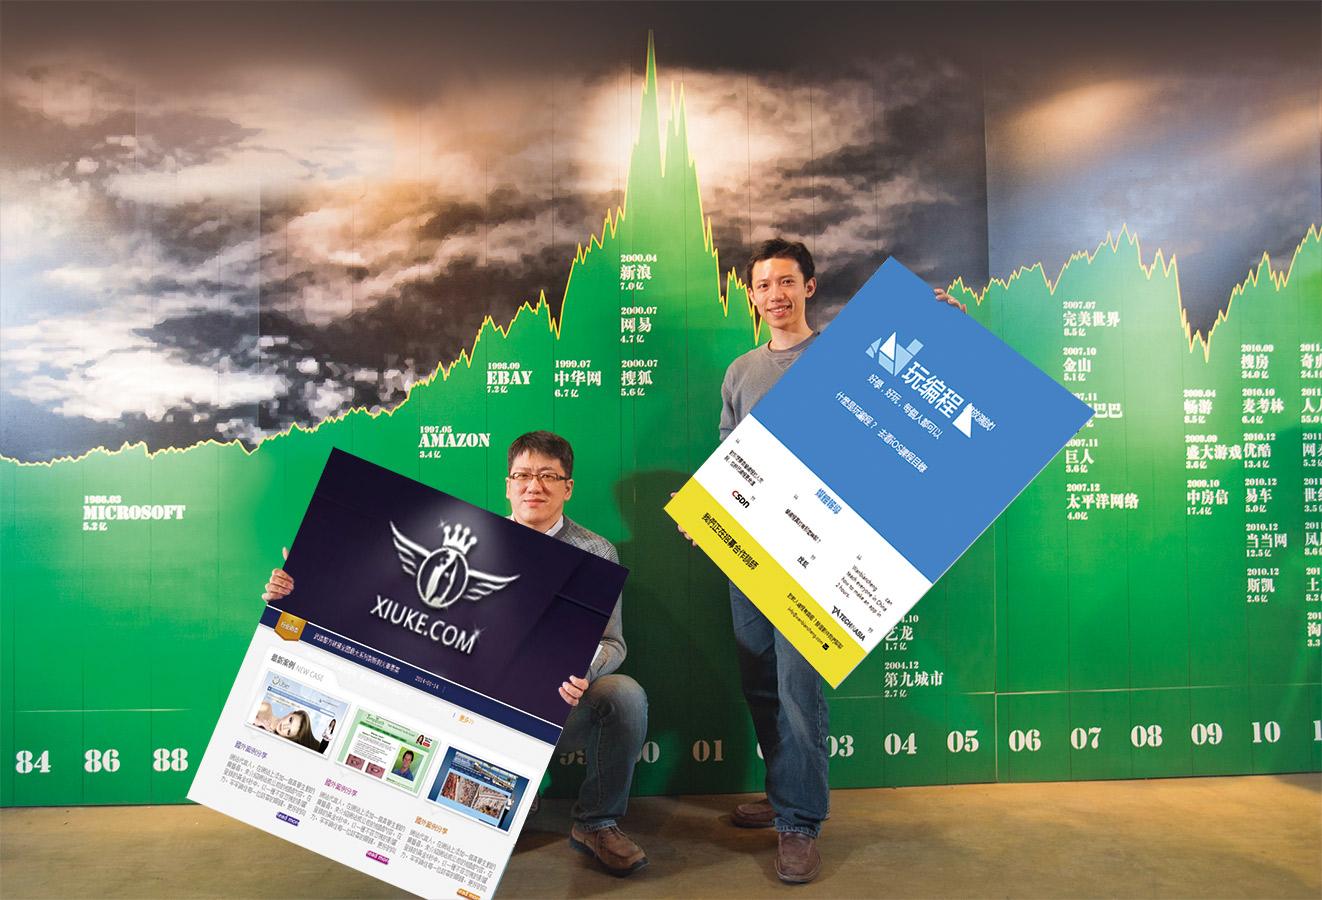 高健凱(右)從美國西北大學MBA畢業後,連台灣都不回,提著一卡皮箱,就直飛中關村創業。